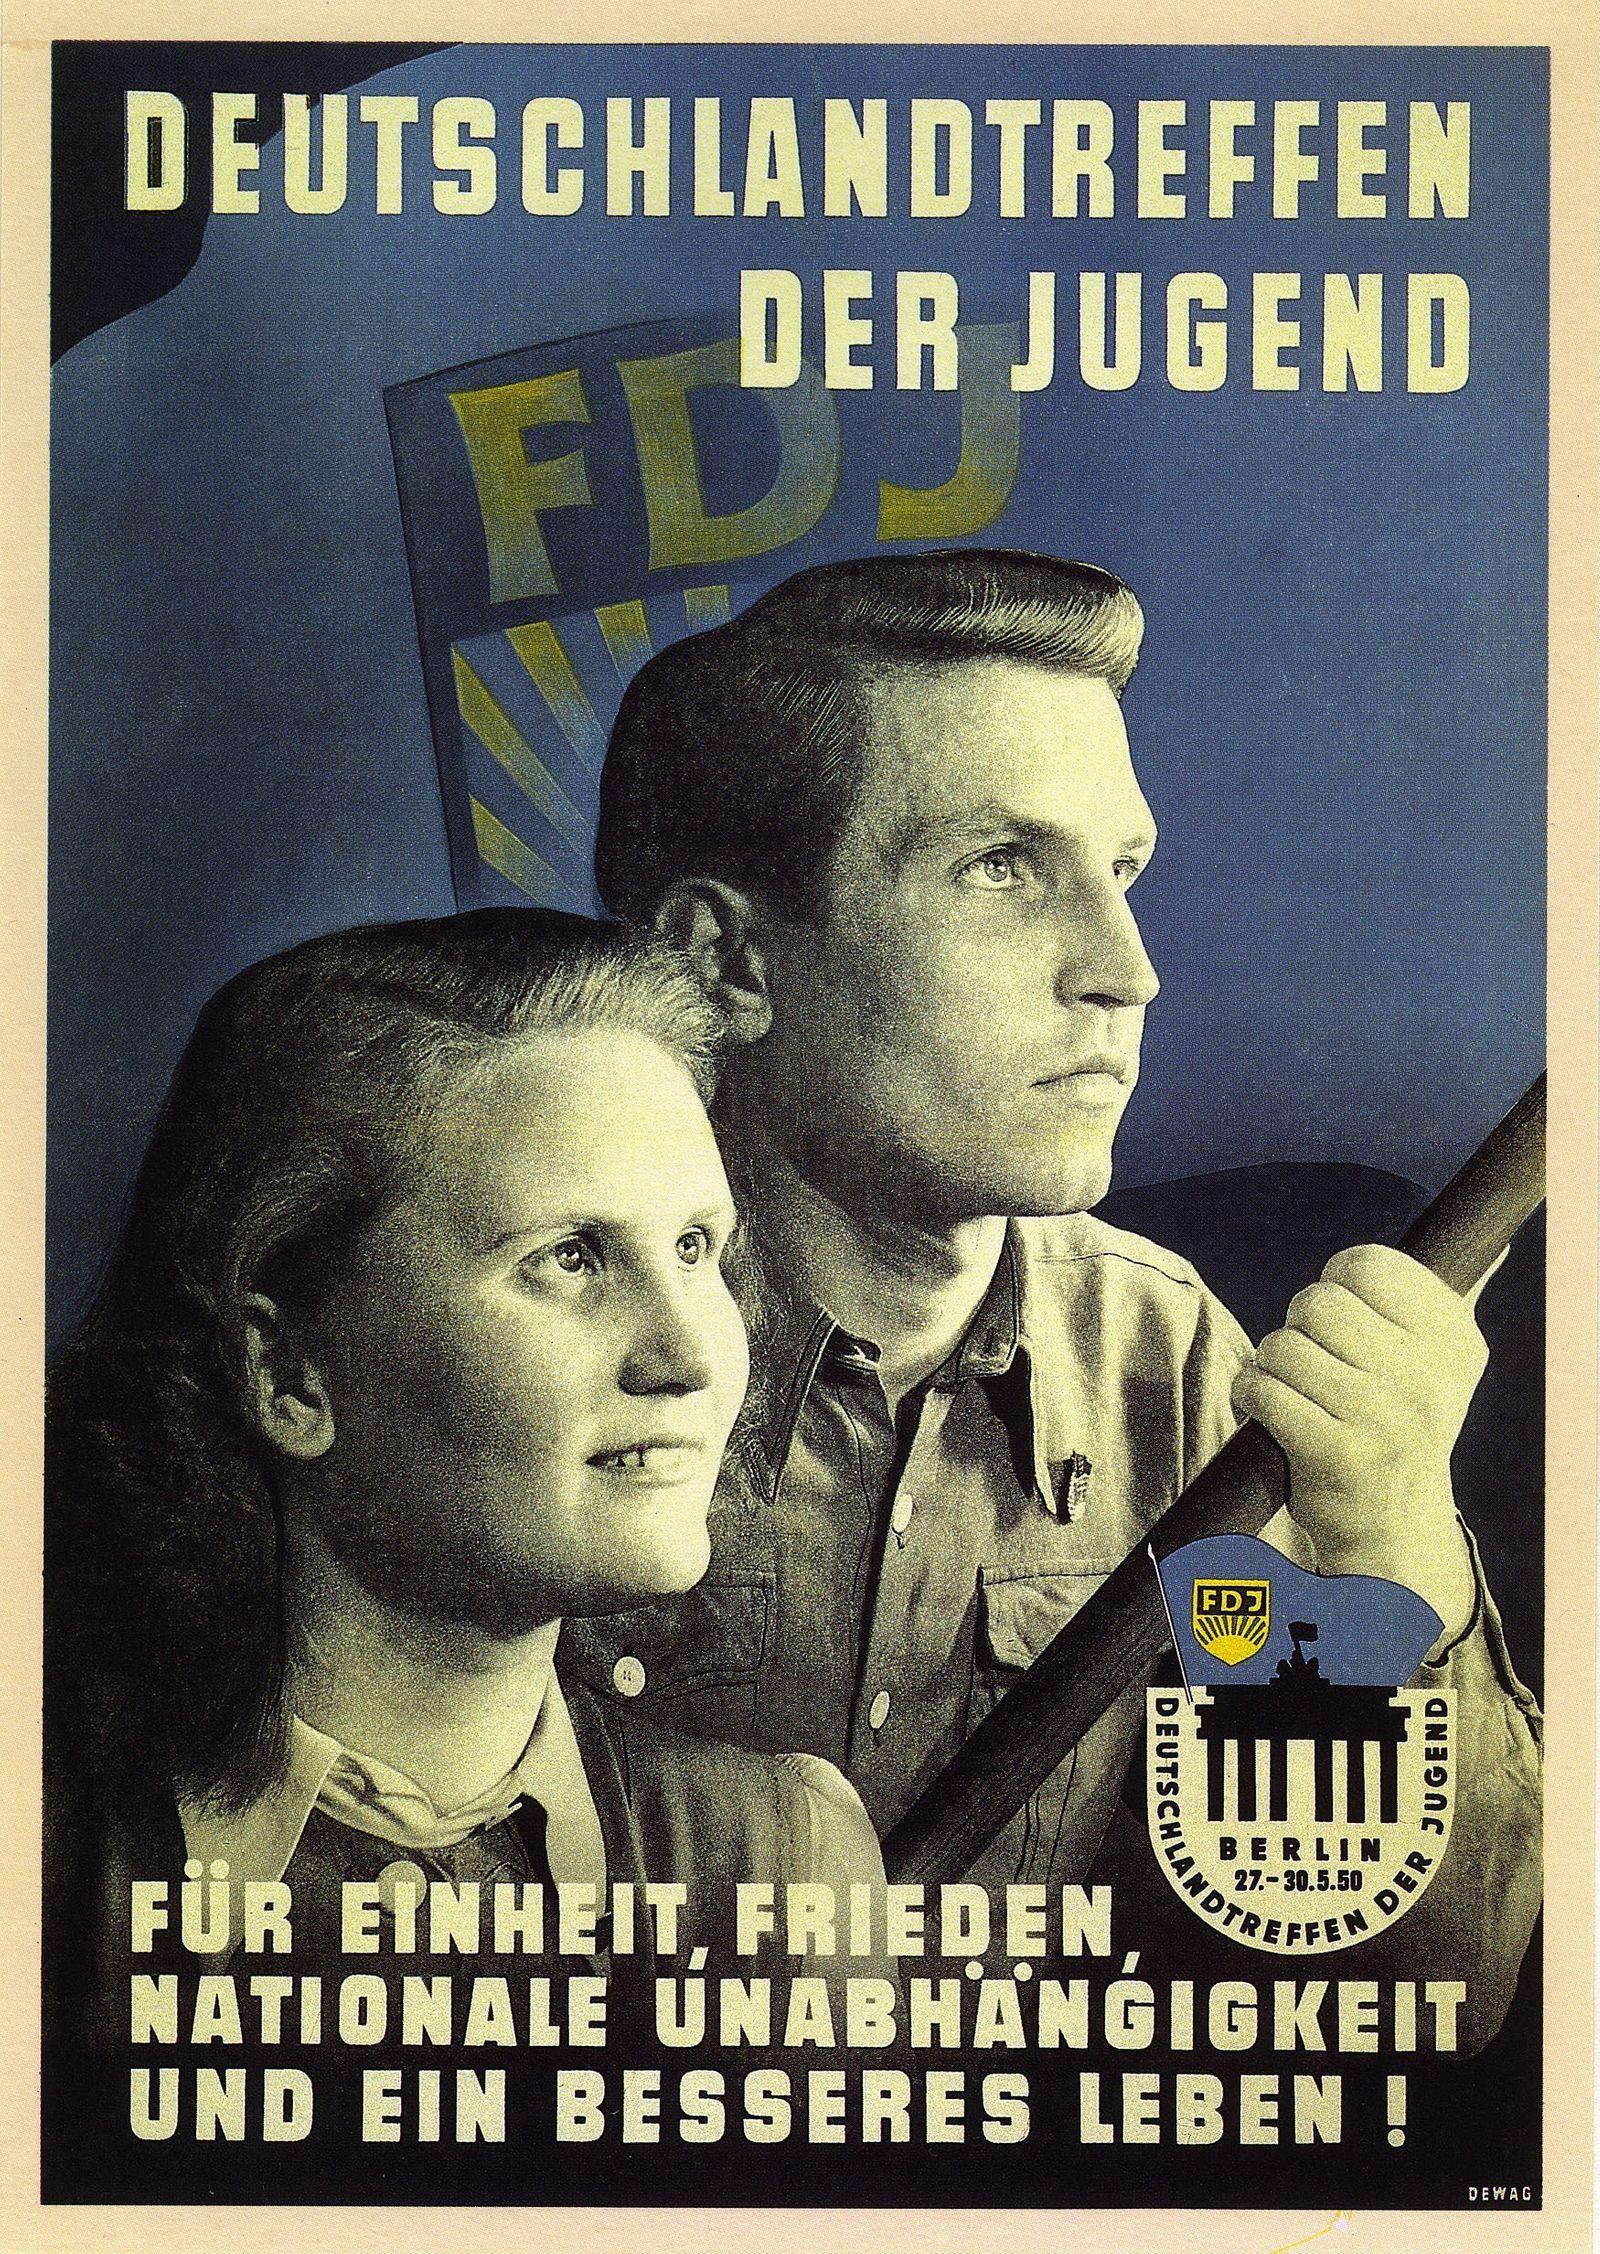 """Plakat zum ersten """"Deutschlandtreffen der Jugend"""" der FDJ in Berlin (Ost) vom 27. bis 30. Mai 1950"""